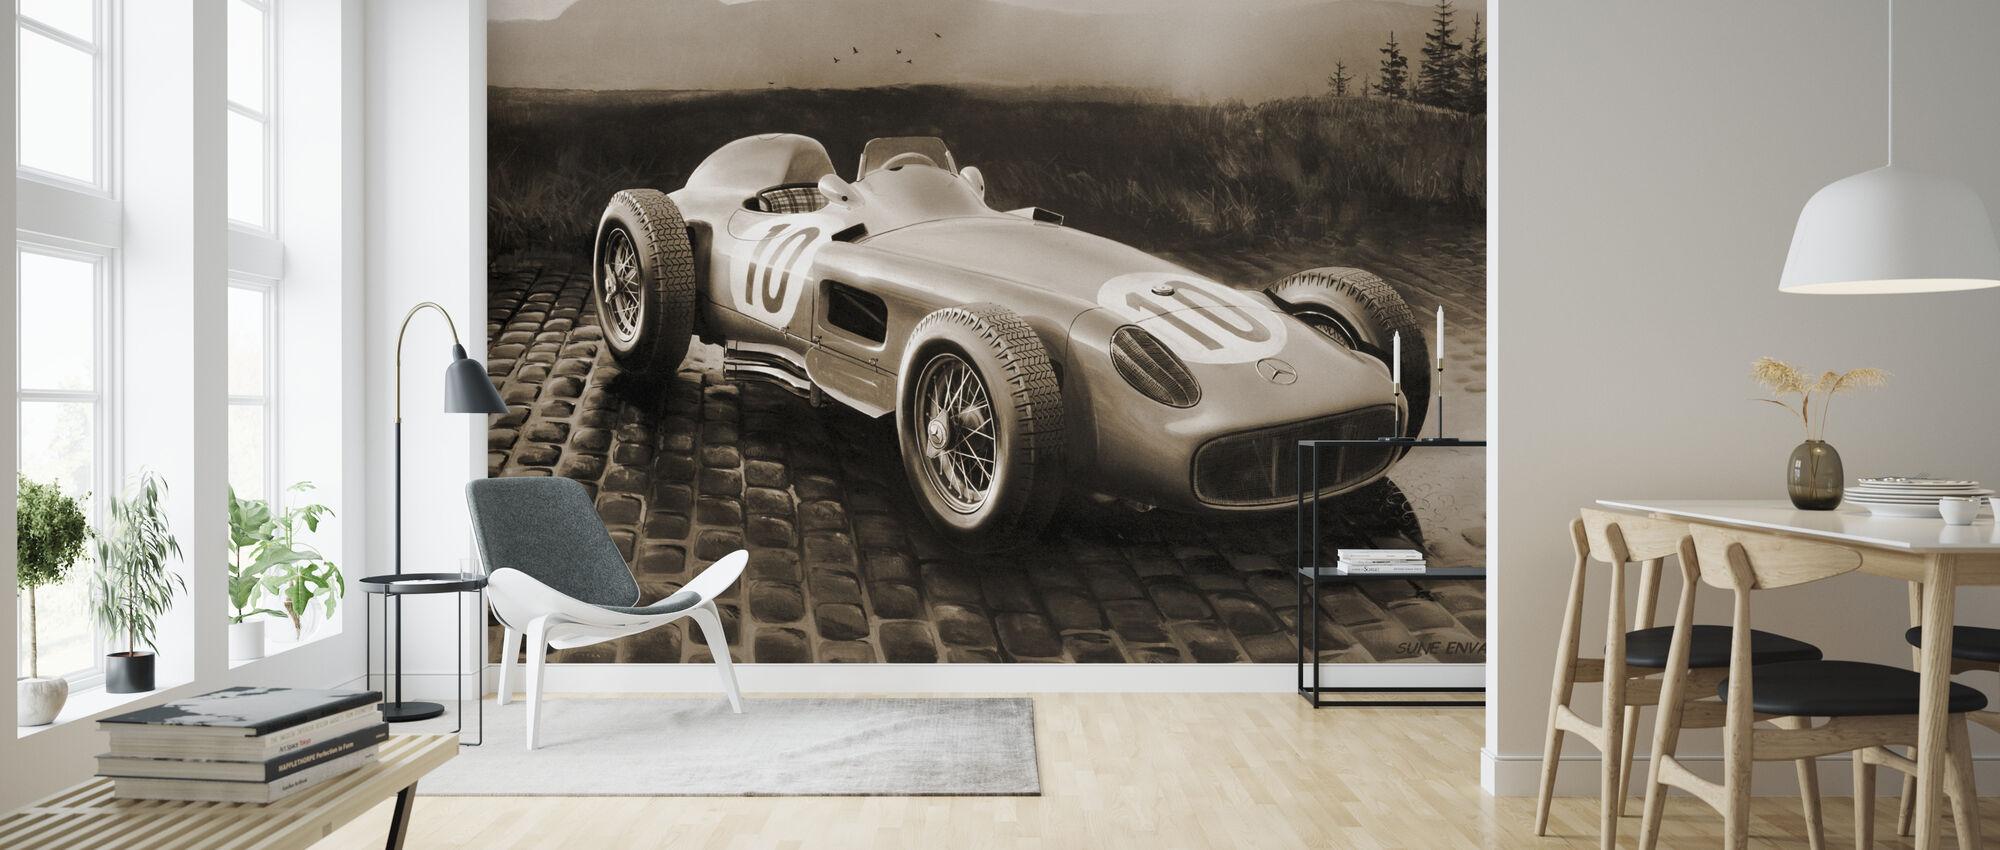 Car 1954 Sepia - Wallpaper - Living Room